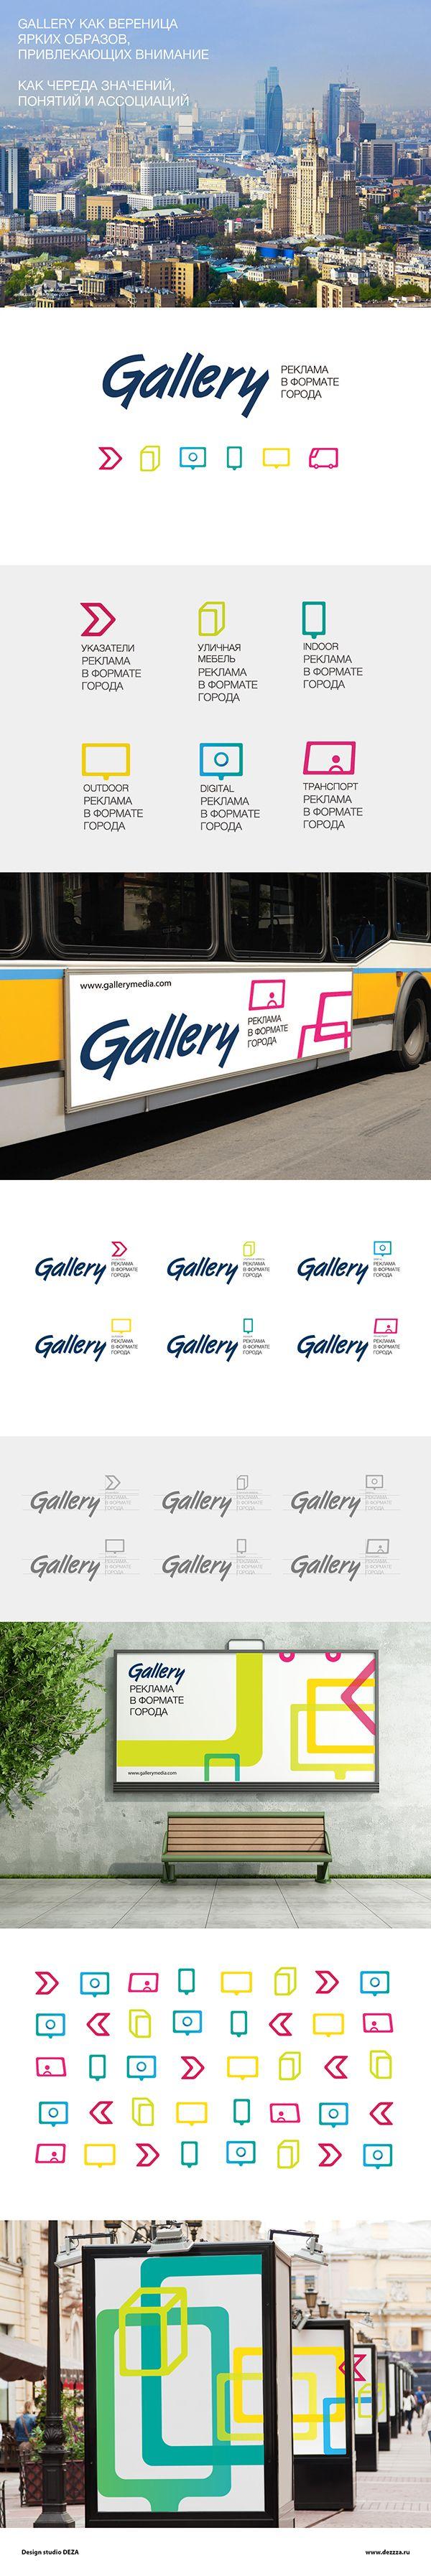 Icon System for Gallery / Russian adv. company / vol.2 by Design Studio Deza